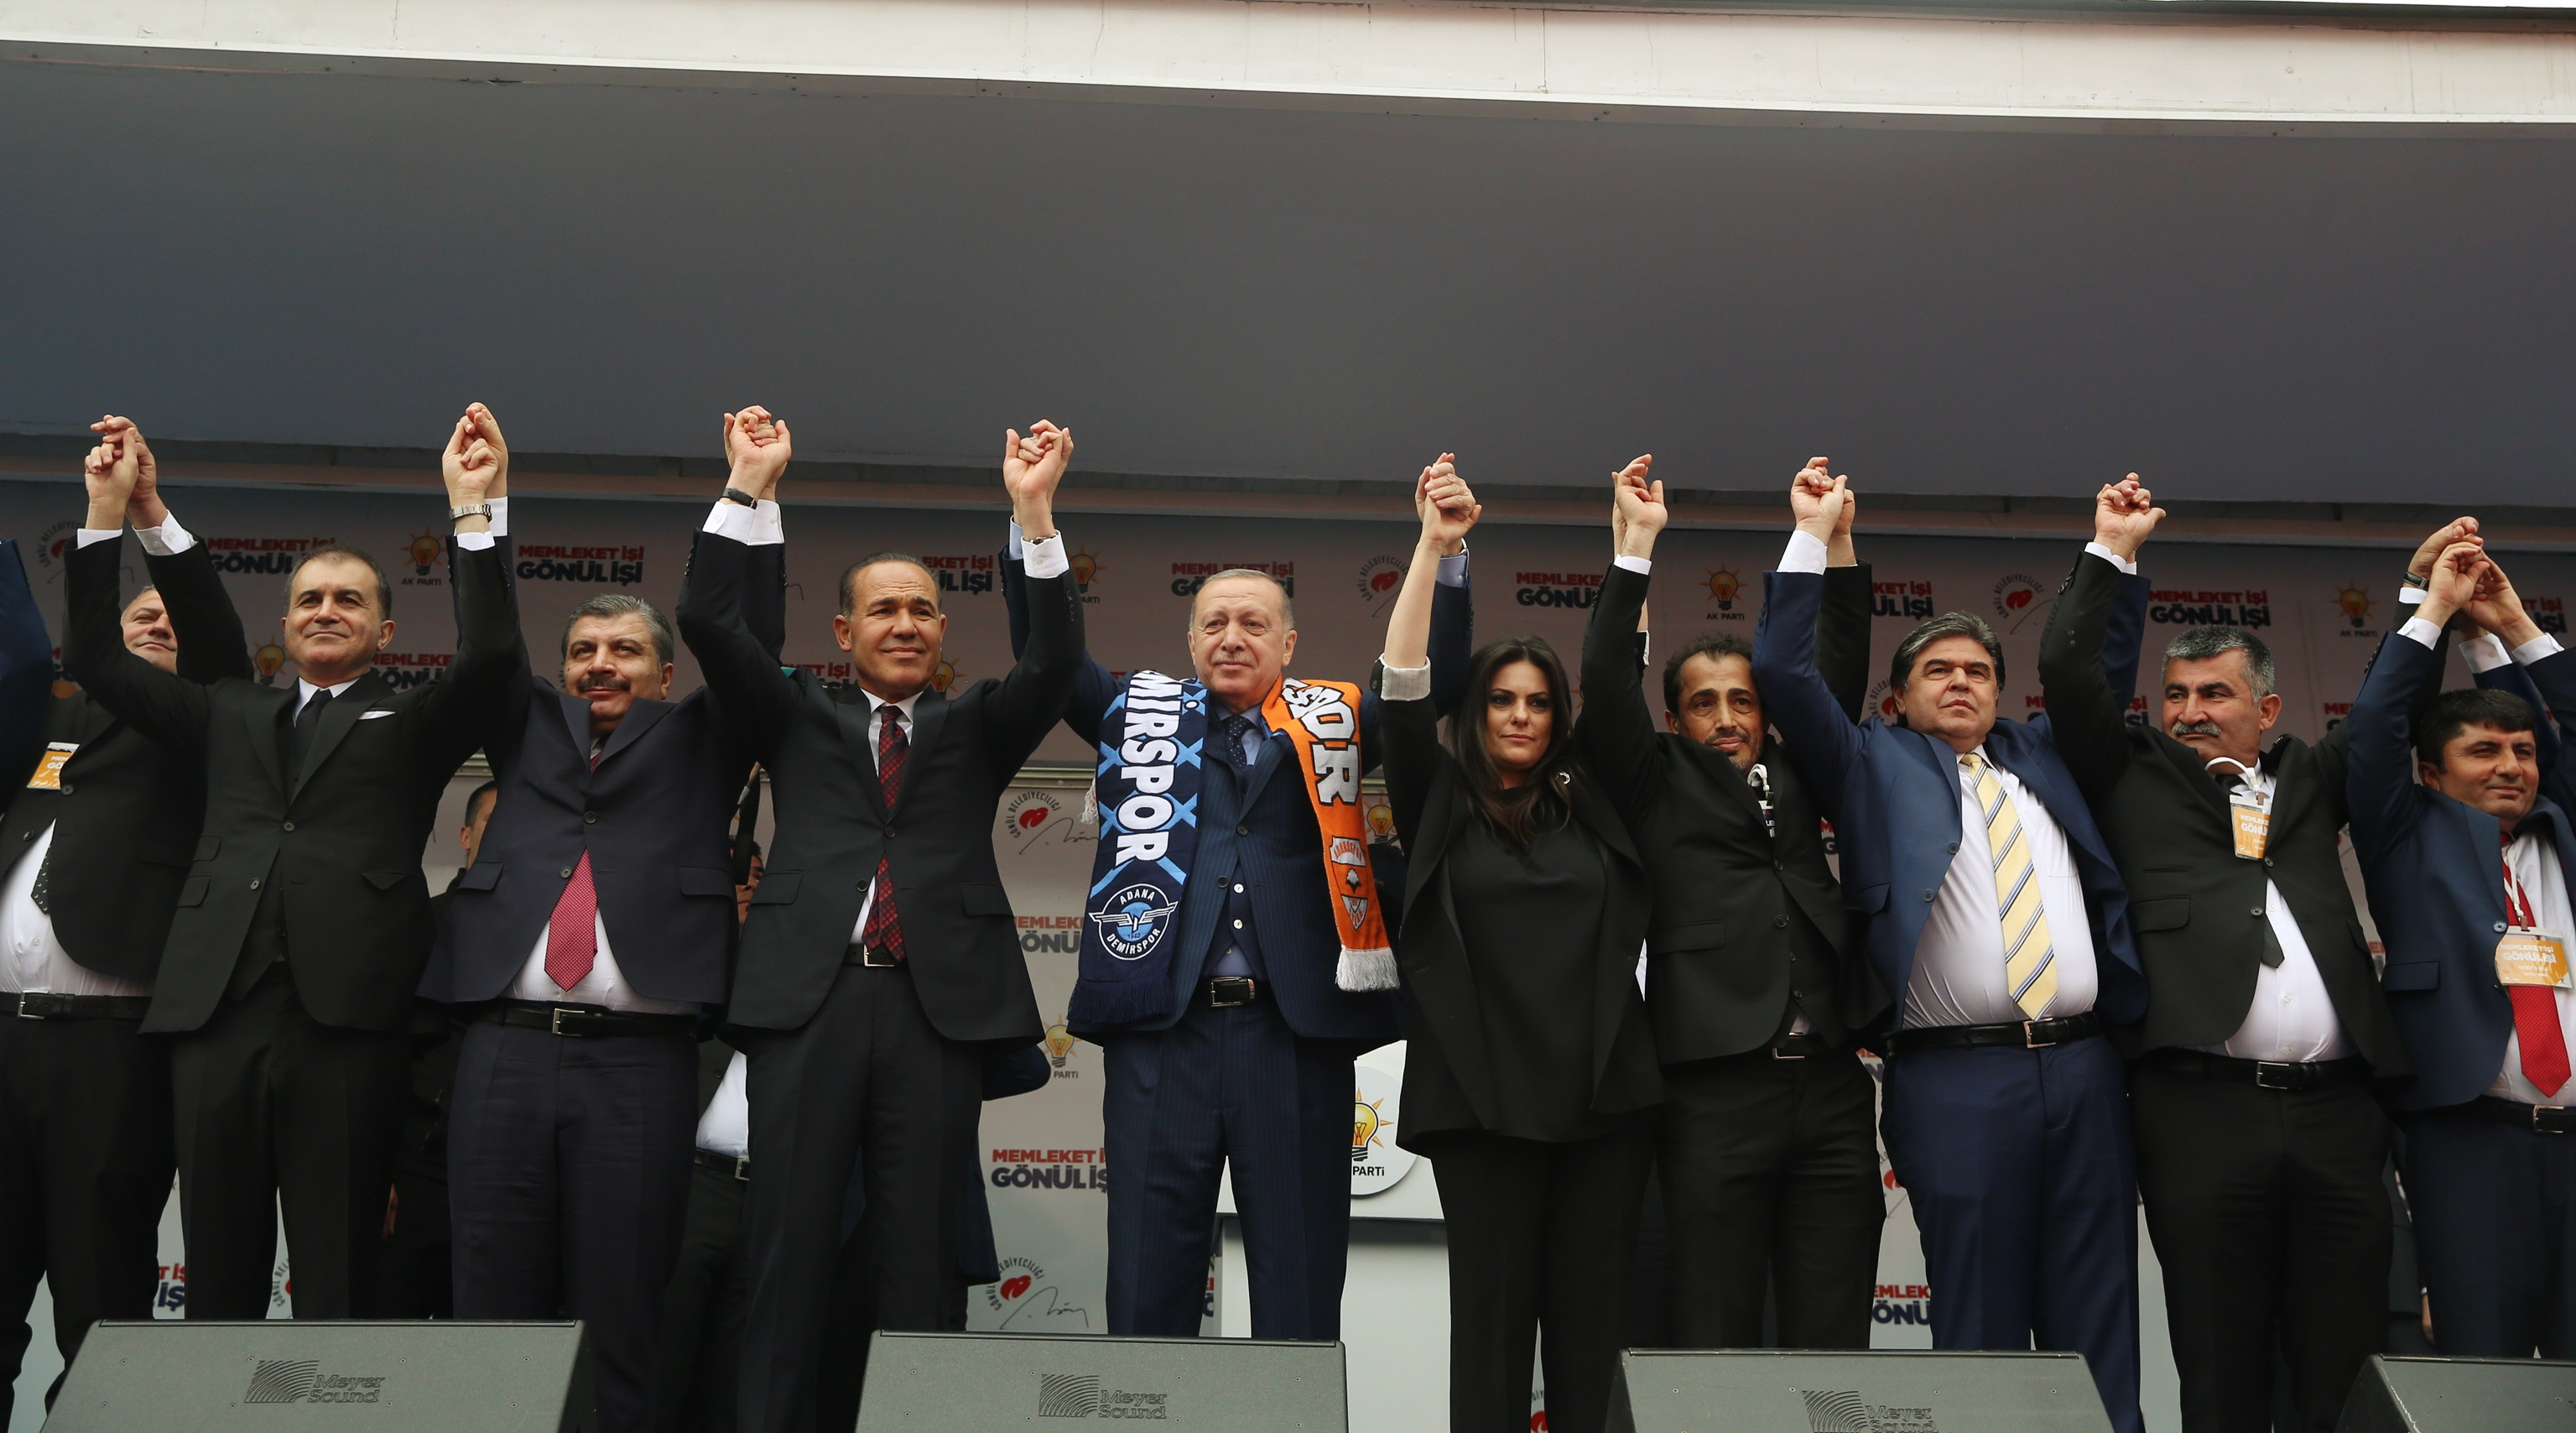 Cumhur Başkanı Erdoğan Adana'da konuştu